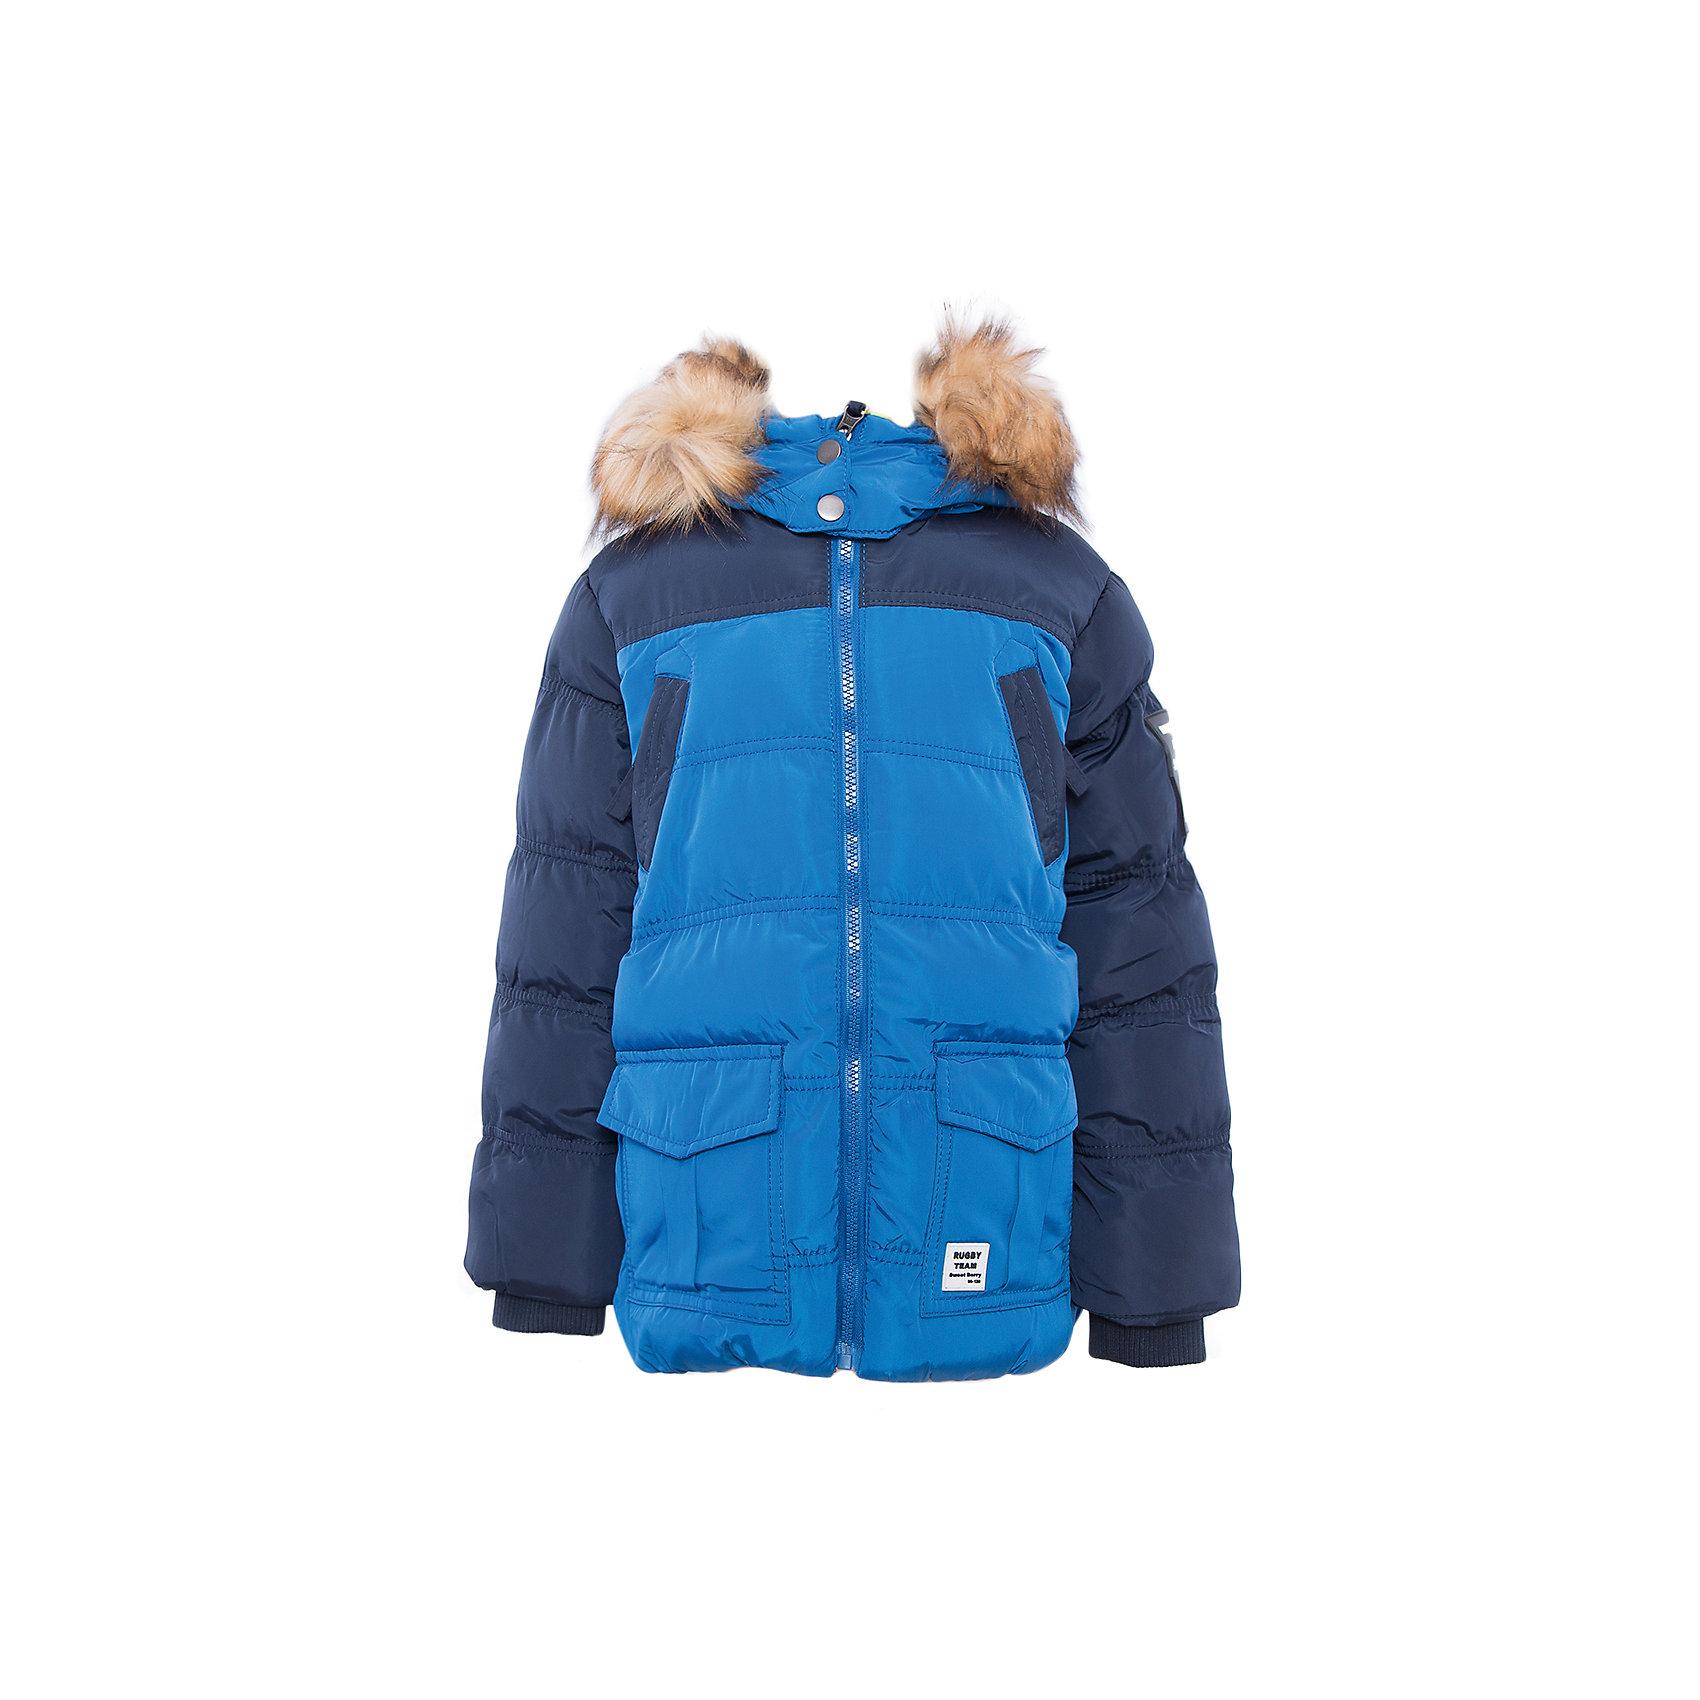 Куртка для мальчика Sweet BerryДемисезонные куртки<br>Куртка синяя для мальчика.<br><br>Температурный режим: до -5 градусов. Степень утепления – низкая. <br><br>* Температурный режим указан приблизительно — необходимо, прежде всего, ориентироваться на ощущения ребенка. Температурный режим работает в случае соблюдения правила многослойности – использования флисовой поддевы и термобелья.<br><br>Такая модель куртки для мальчика отличается модным дизайном. Удачный крой обеспечит ребенку комфорт и тепло. Флисовая подкладка делает вещь идеальной для прохладной погоды. Она плотно прилегает к телу там, где нужно, и отлично сидит по фигуре. Декорирована модель опушкой на капюшоне и удобными карманами.<br>Одежда от бренда Sweet Berry - это простой и выгодный способ одеть ребенка удобно и стильно. Всё изделия тщательно проработаны: швы - прочные, материал - качественный, фурнитура - подобранная специально для детей. <br><br>Дополнительная информация:<br><br>цвет: синий;<br>капюшон с опушкой;<br>материал: верх, подкладка, наполнитель - 100% полиэстер;<br>застежка: молния;<br>карманы на молнии.<br><br>Куртку для мальчика от бренда Sweet Berry можно купить в нашем интернет-магазине.<br><br>Ширина мм: 356<br>Глубина мм: 10<br>Высота мм: 245<br>Вес г: 519<br>Цвет: синий<br>Возраст от месяцев: 24<br>Возраст до месяцев: 36<br>Пол: Мужской<br>Возраст: Детский<br>Размер: 98,104,110,116,122,128<br>SKU: 4930550